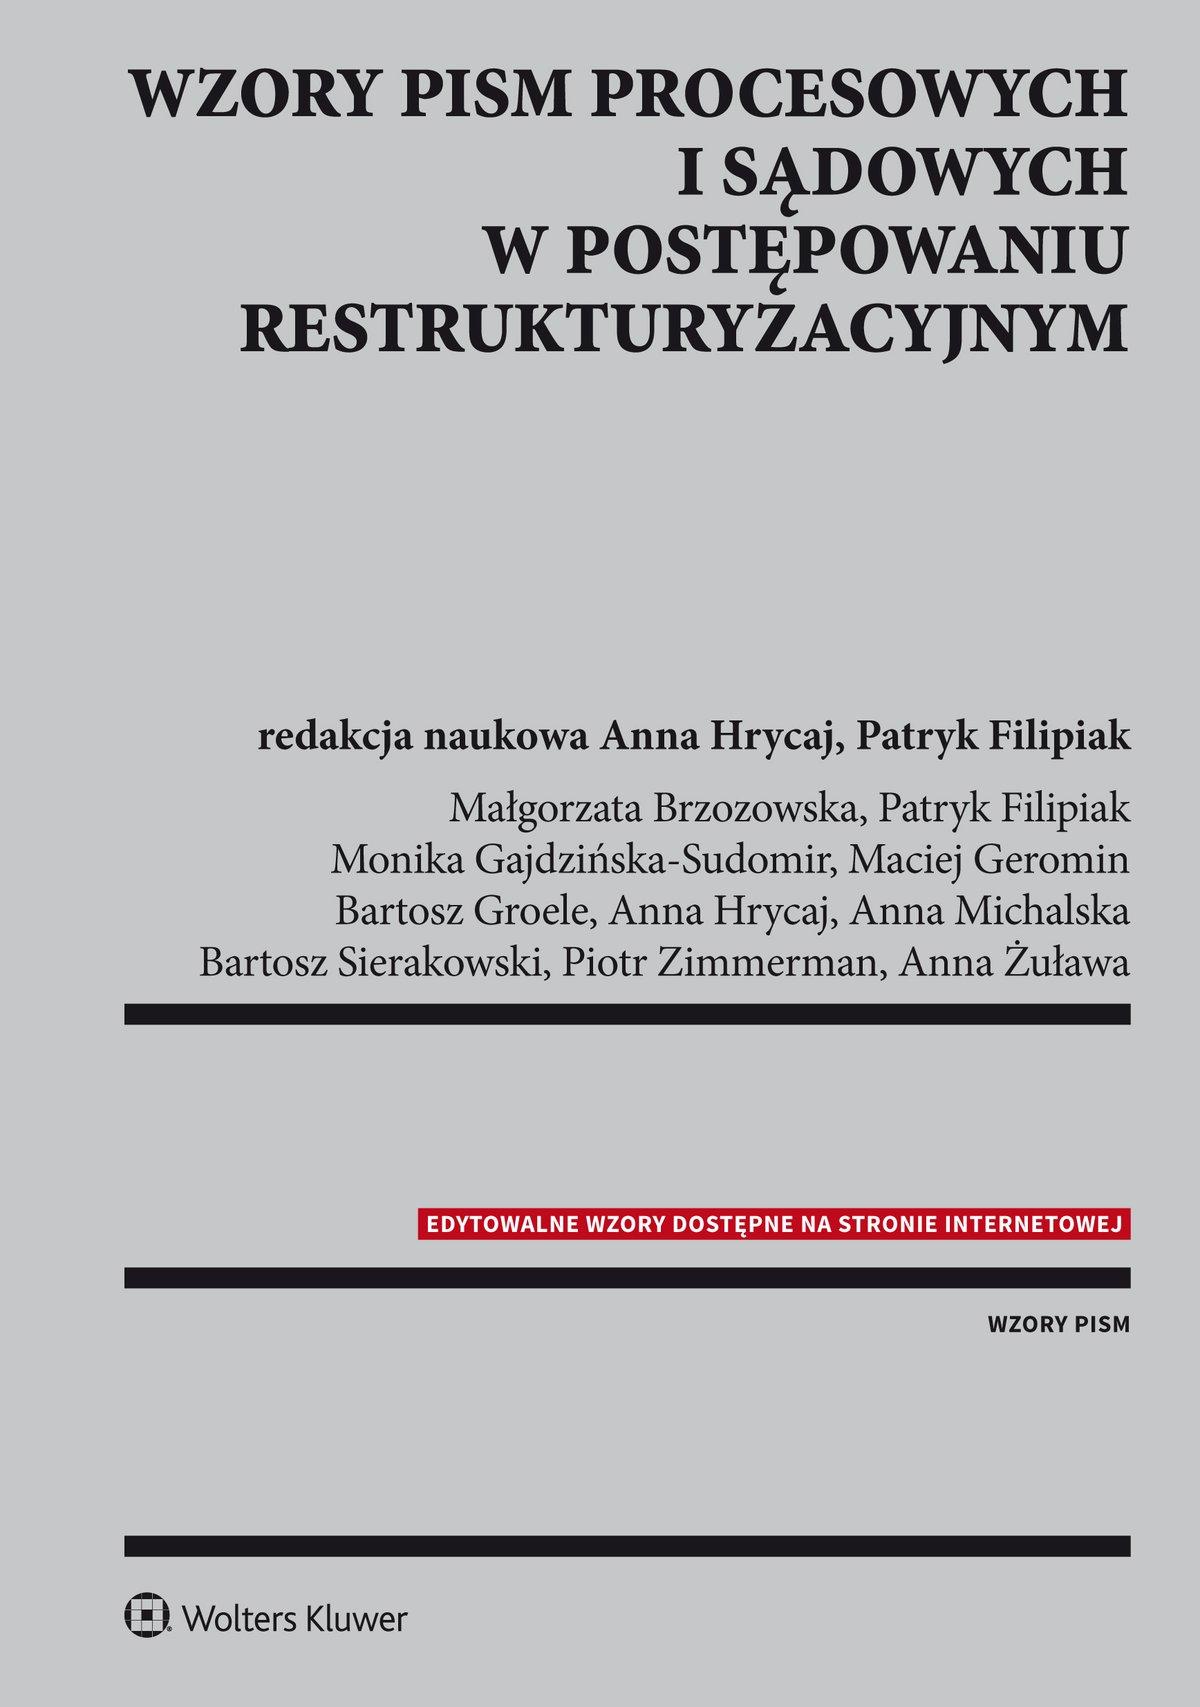 Wzory pism procesowych i sądowych w postępowaniu restrukturyzacyjnym - Ebook (Książka PDF) do pobrania w formacie PDF